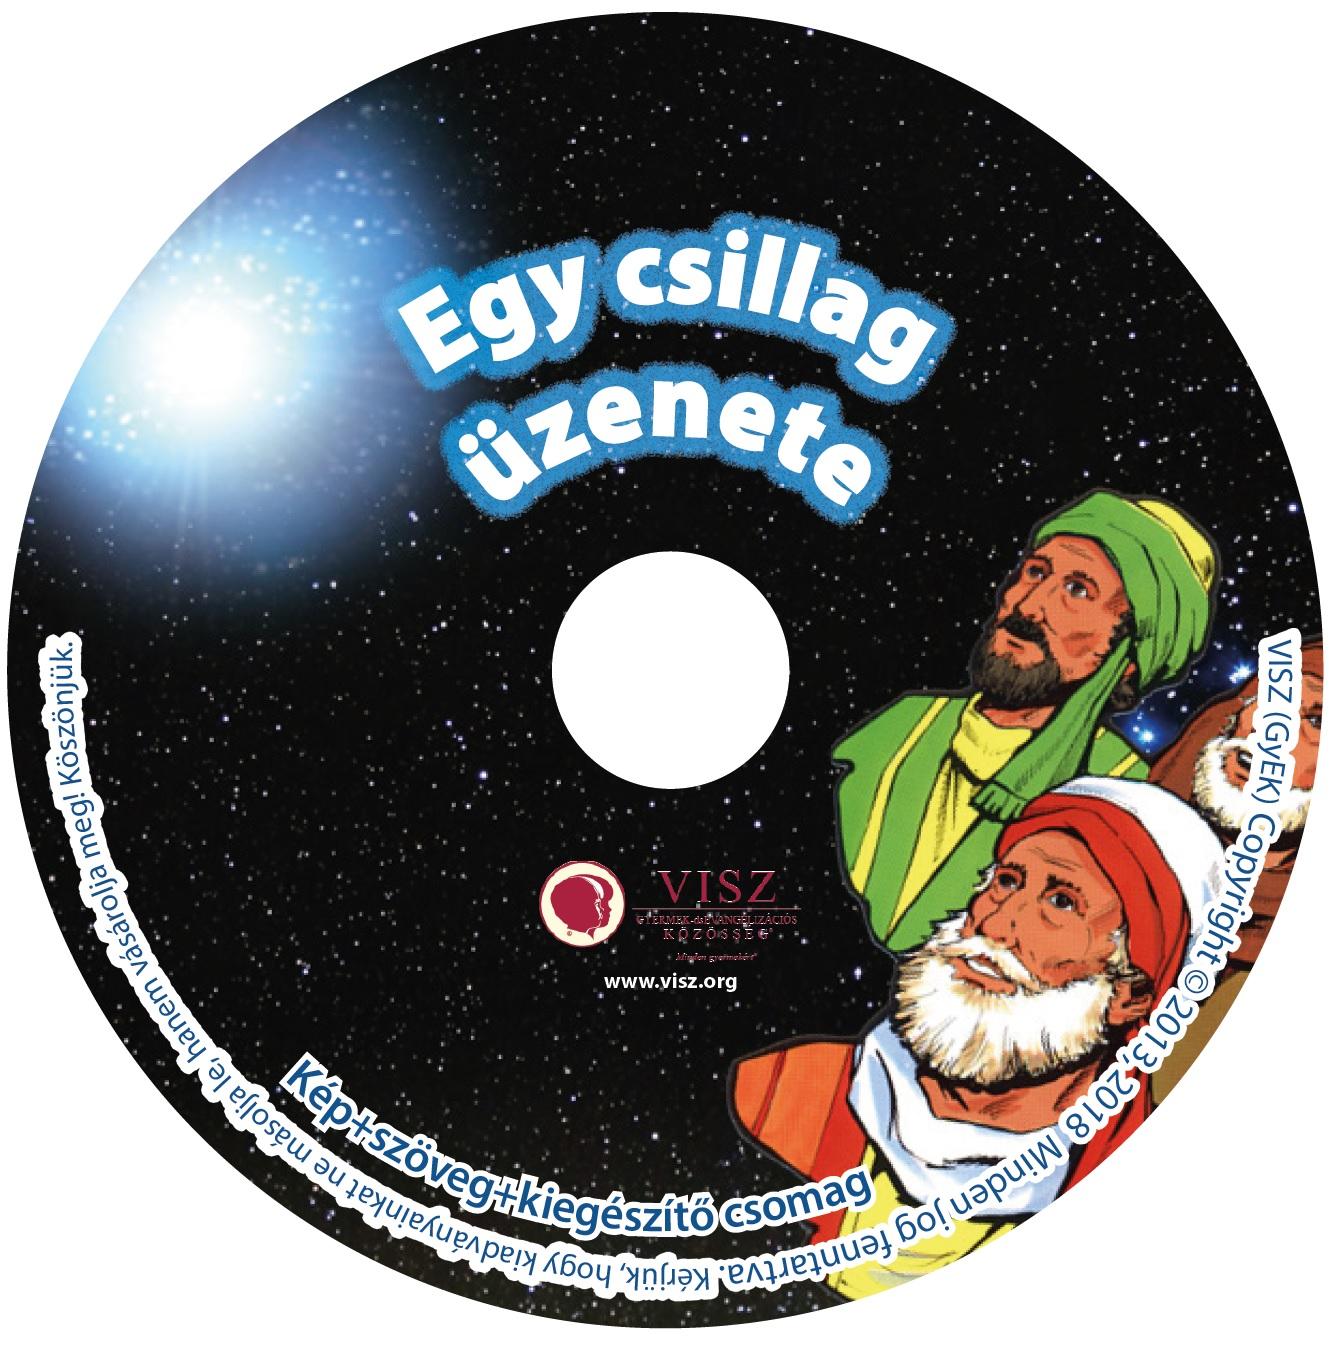 Egy csillag uzenete CD